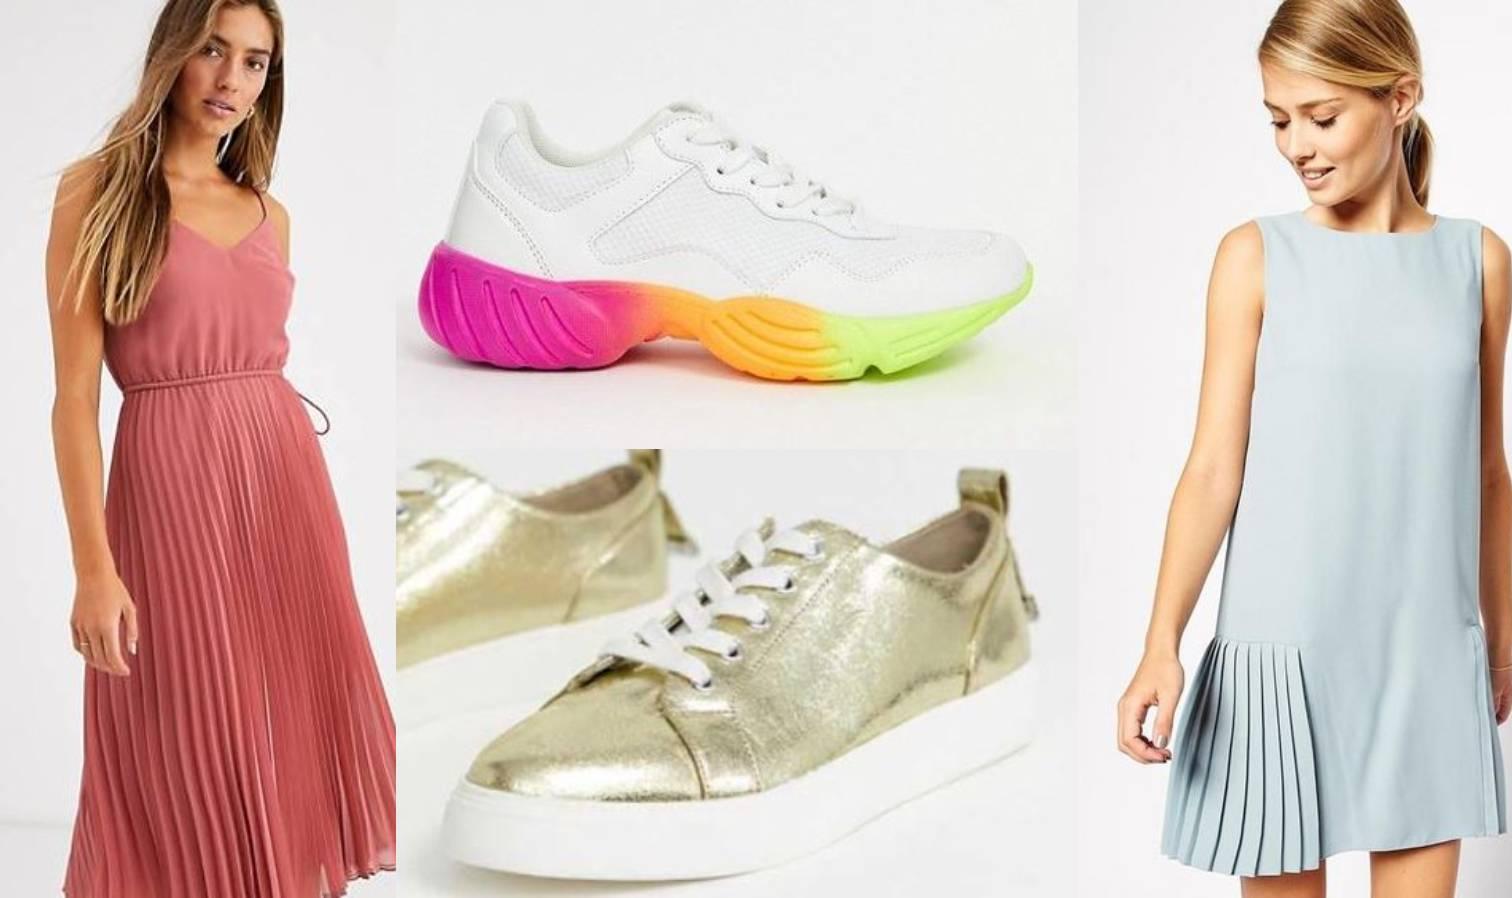 Samo ležerno: Tenisice i haljine u savršenoj stilskoj simbiozi